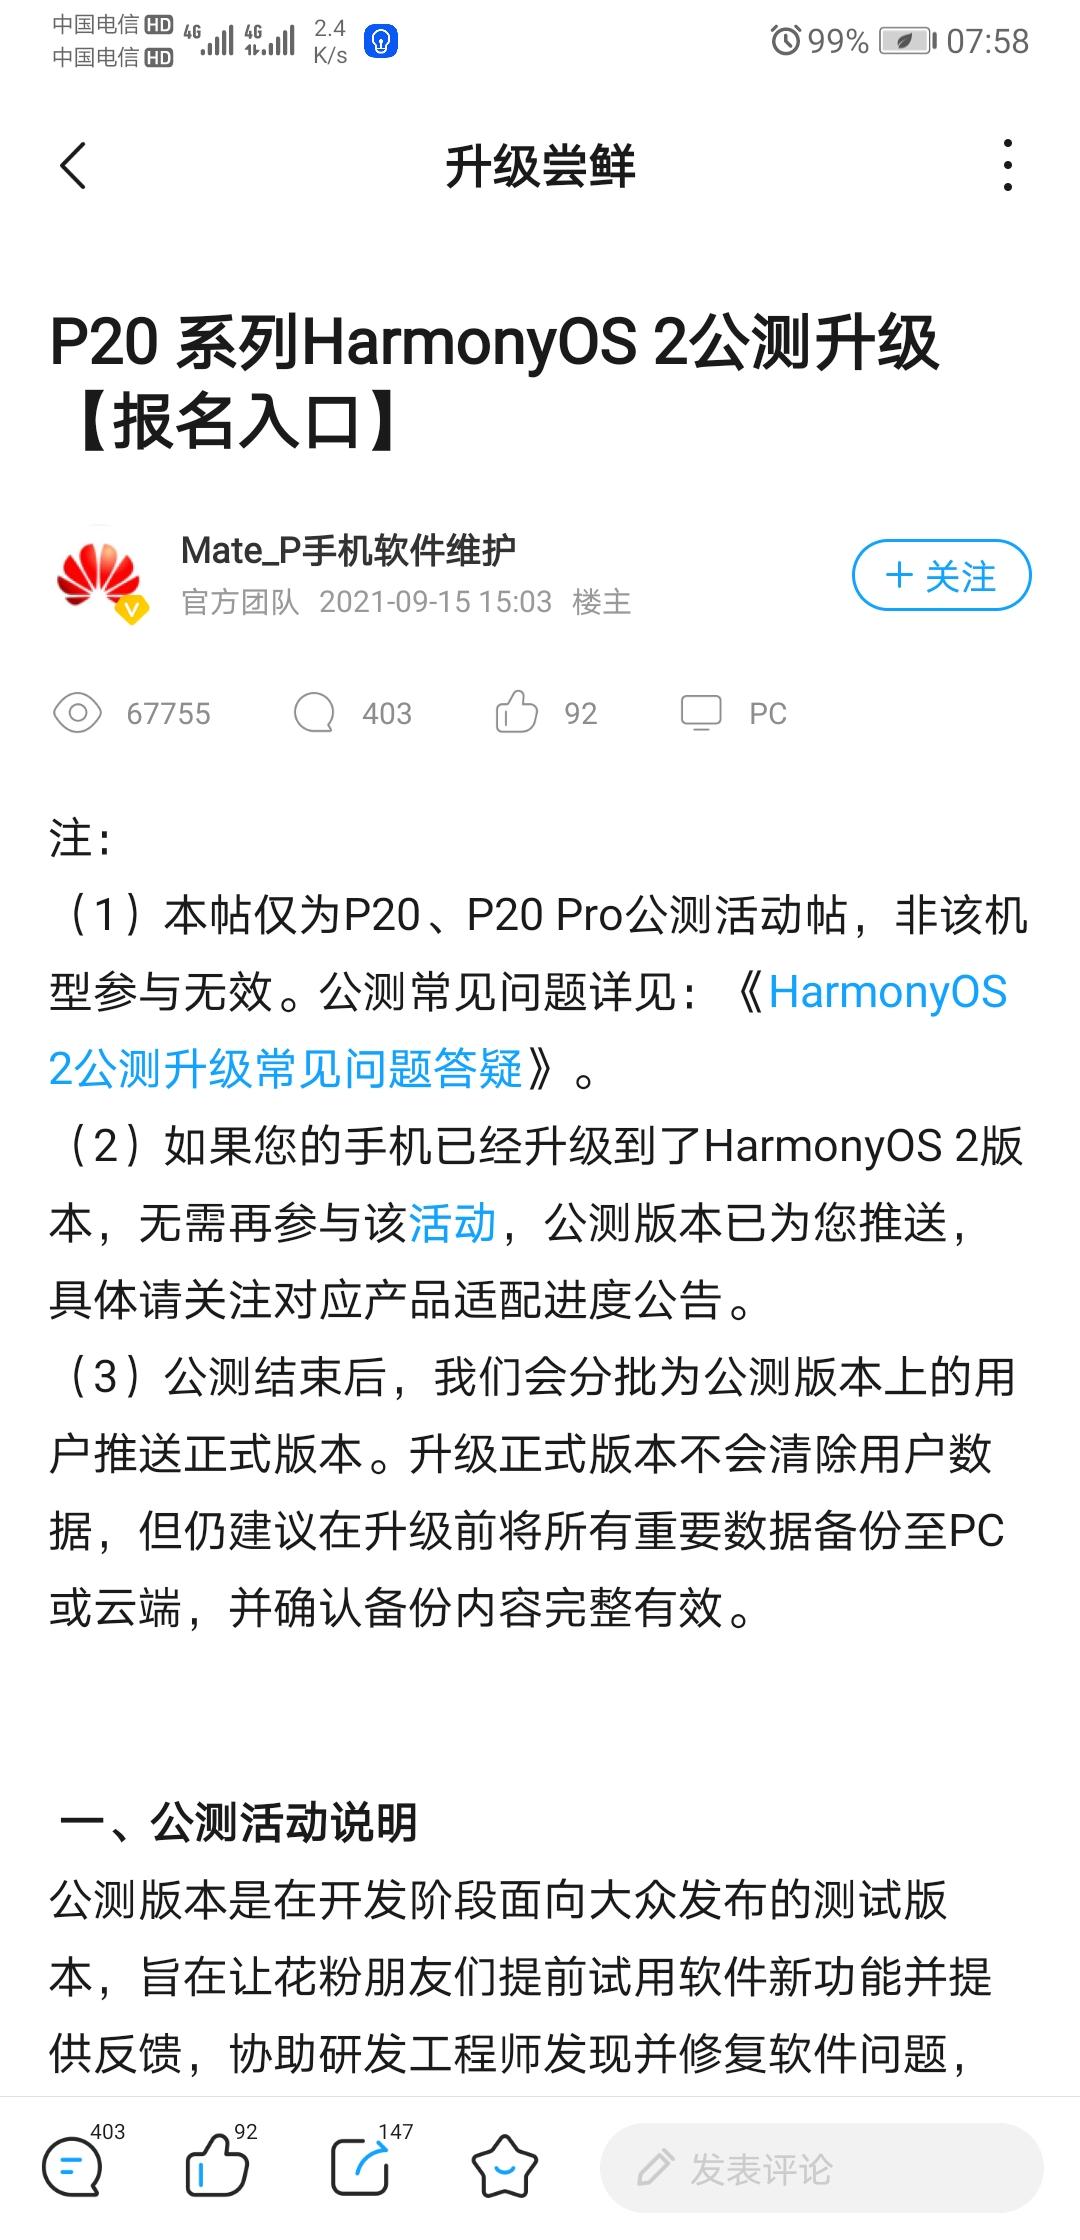 Screenshot_20210916_075822_com.huawei.fans.jpg